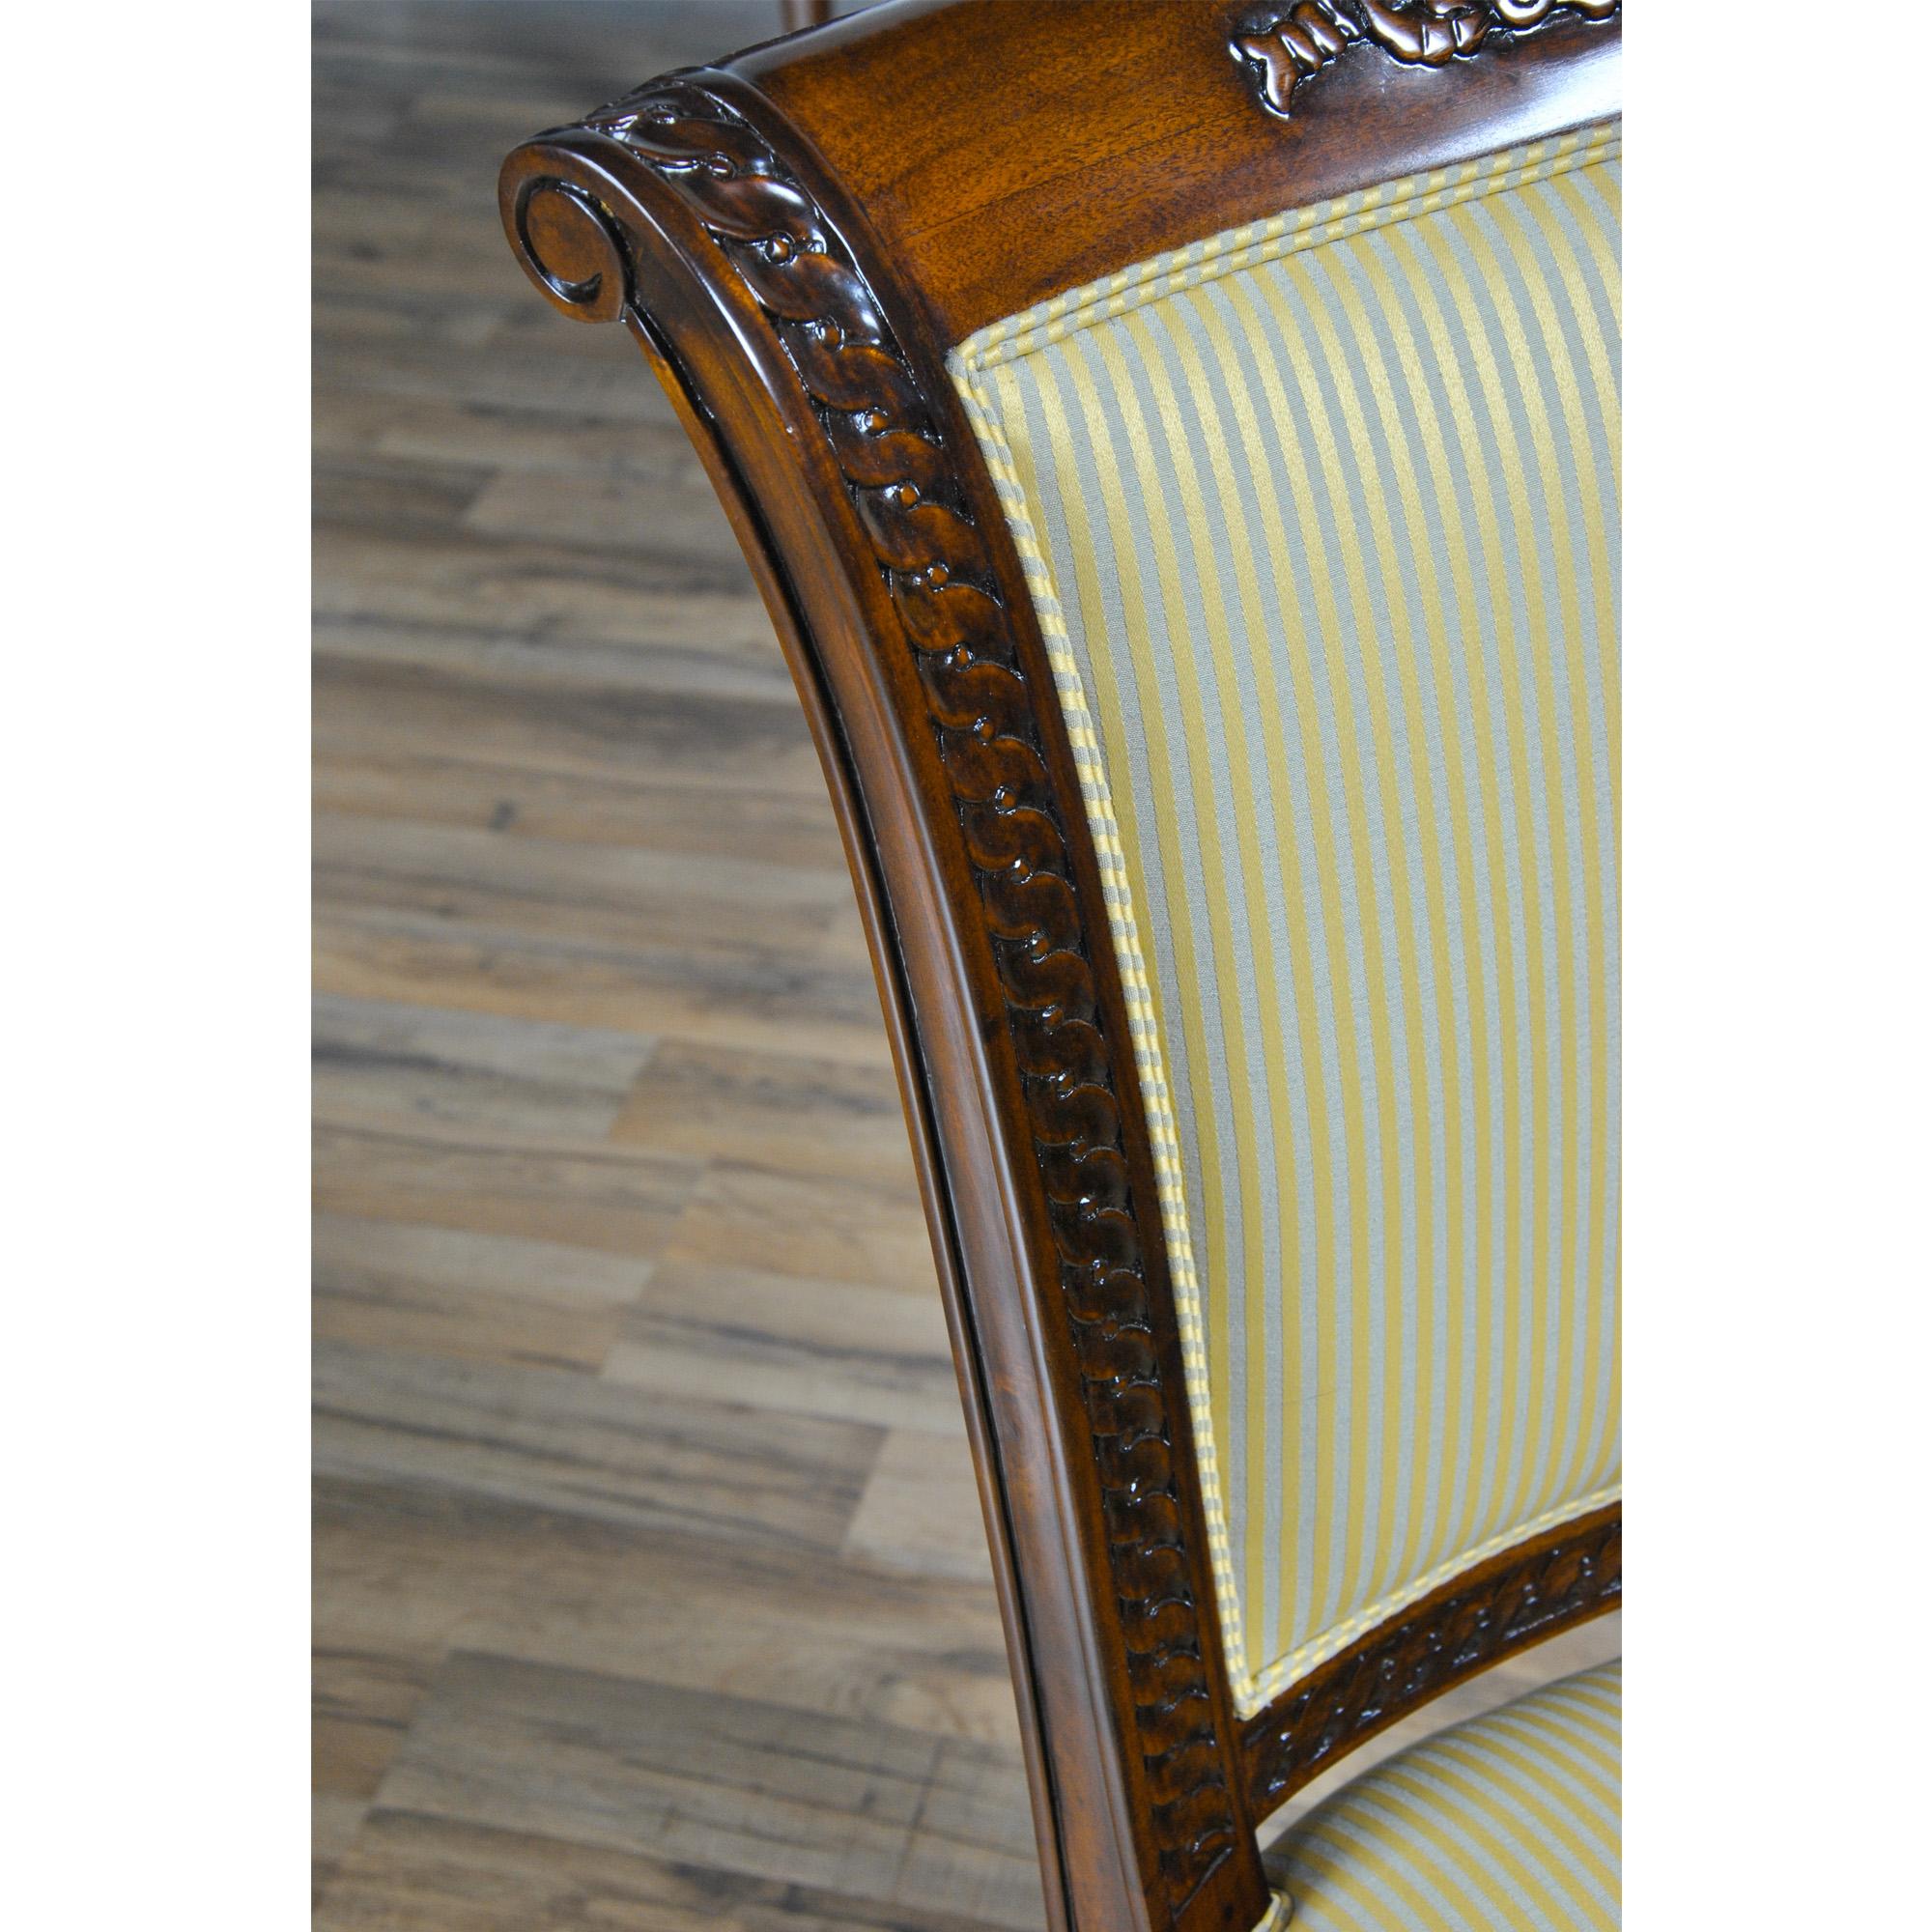 Mahogany French Side Chair Niagara Furniture solid mahogany